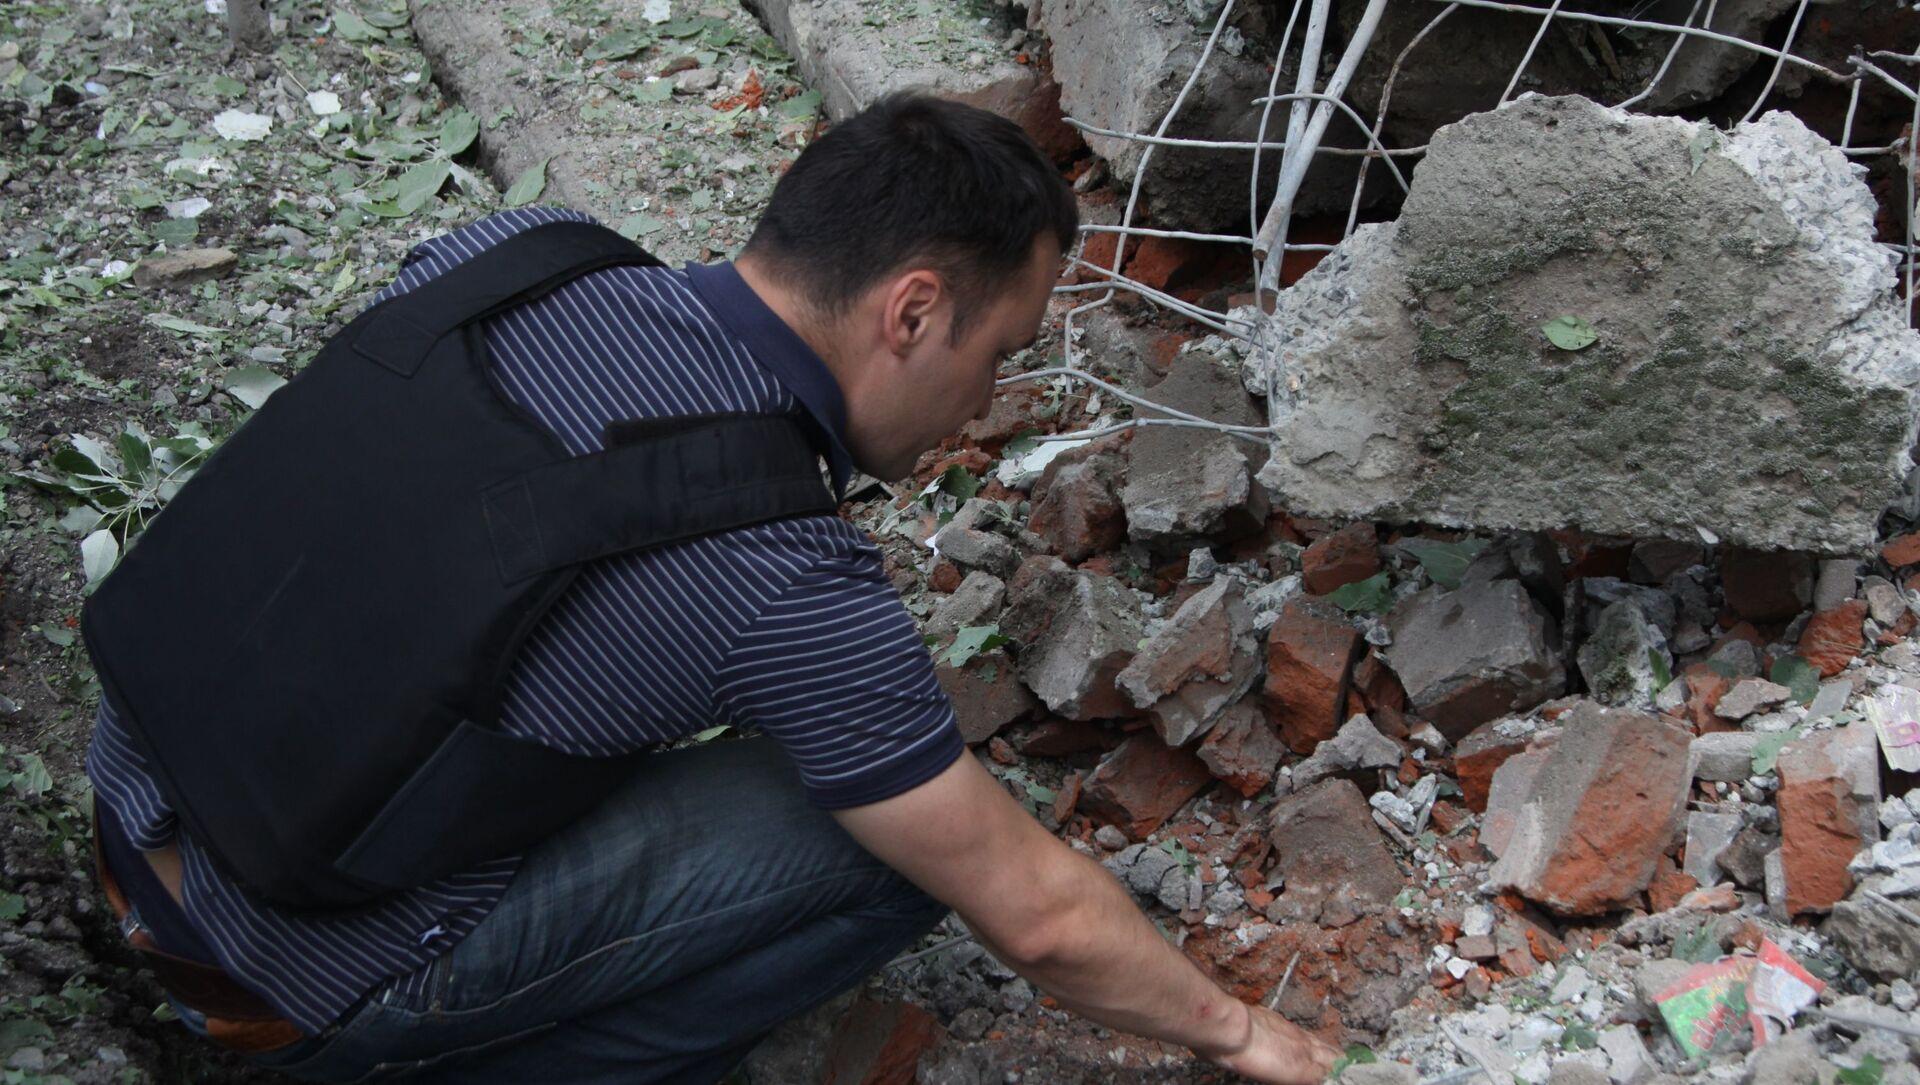 Konsekwencje ostrzału miejscowości w Donbasie przez ukraińskie siły bezpieczeństwa - Sputnik Polska, 1920, 16.04.2021